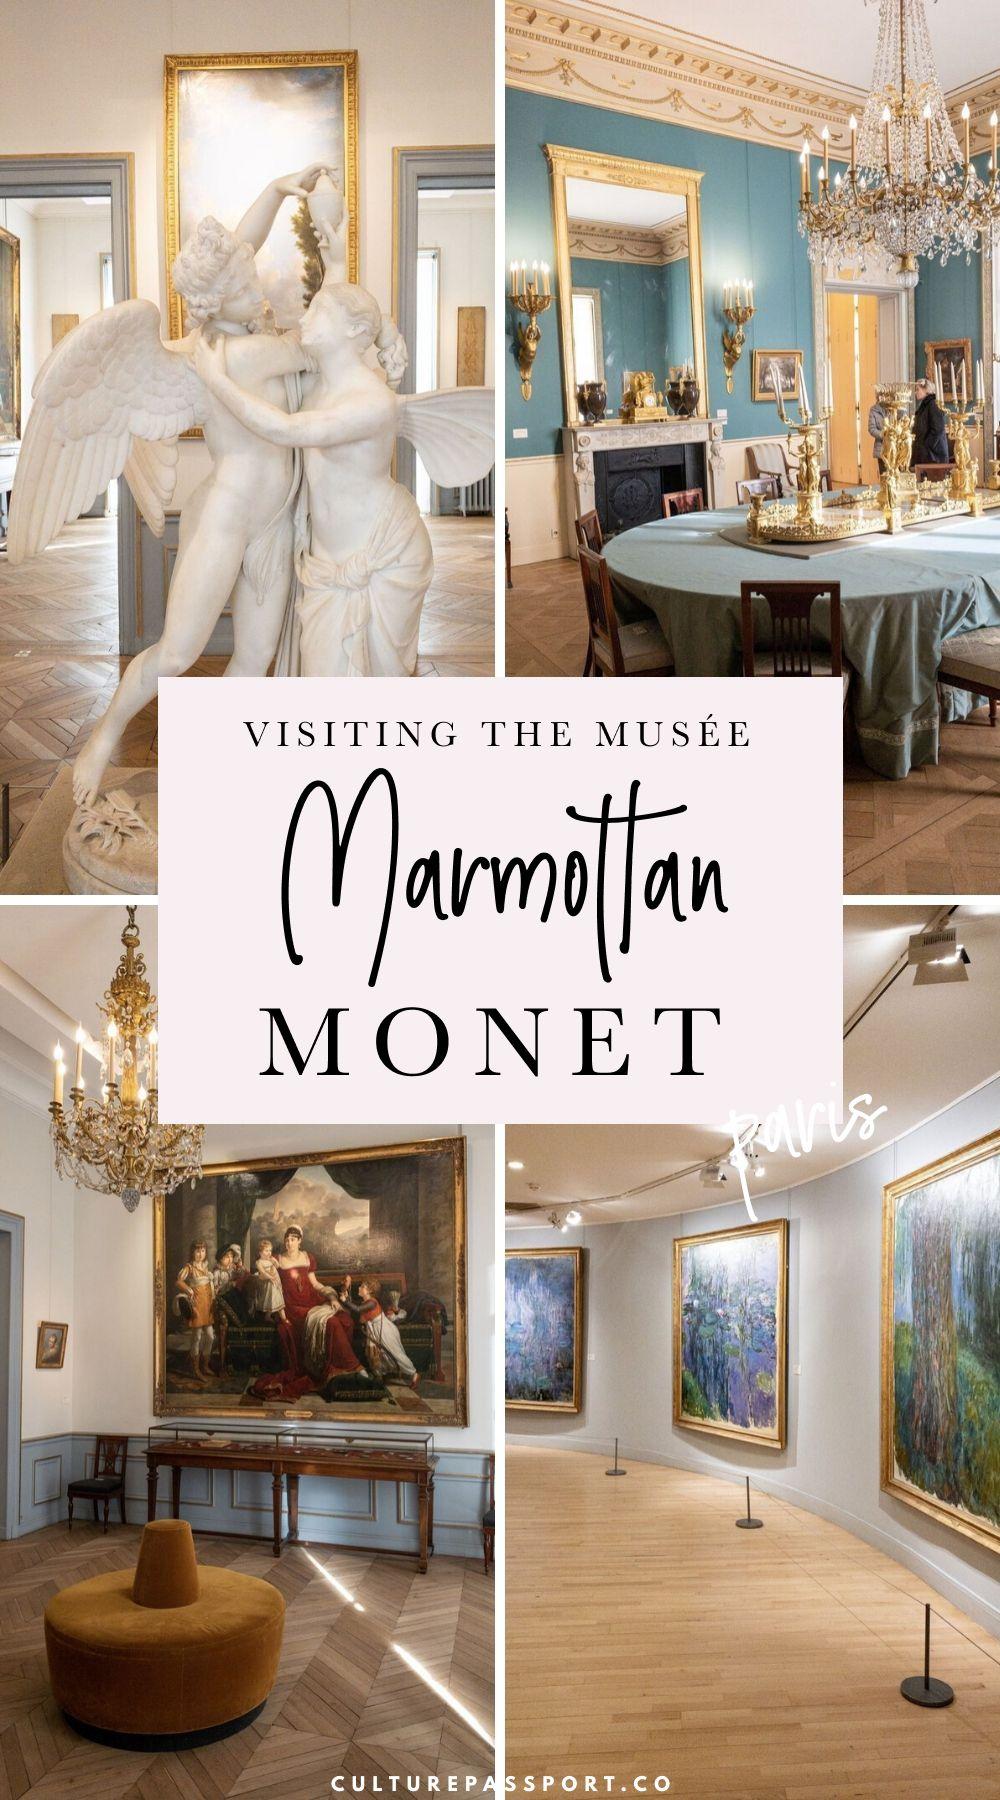 Visiting the Marmottan Monet Museum in Paris